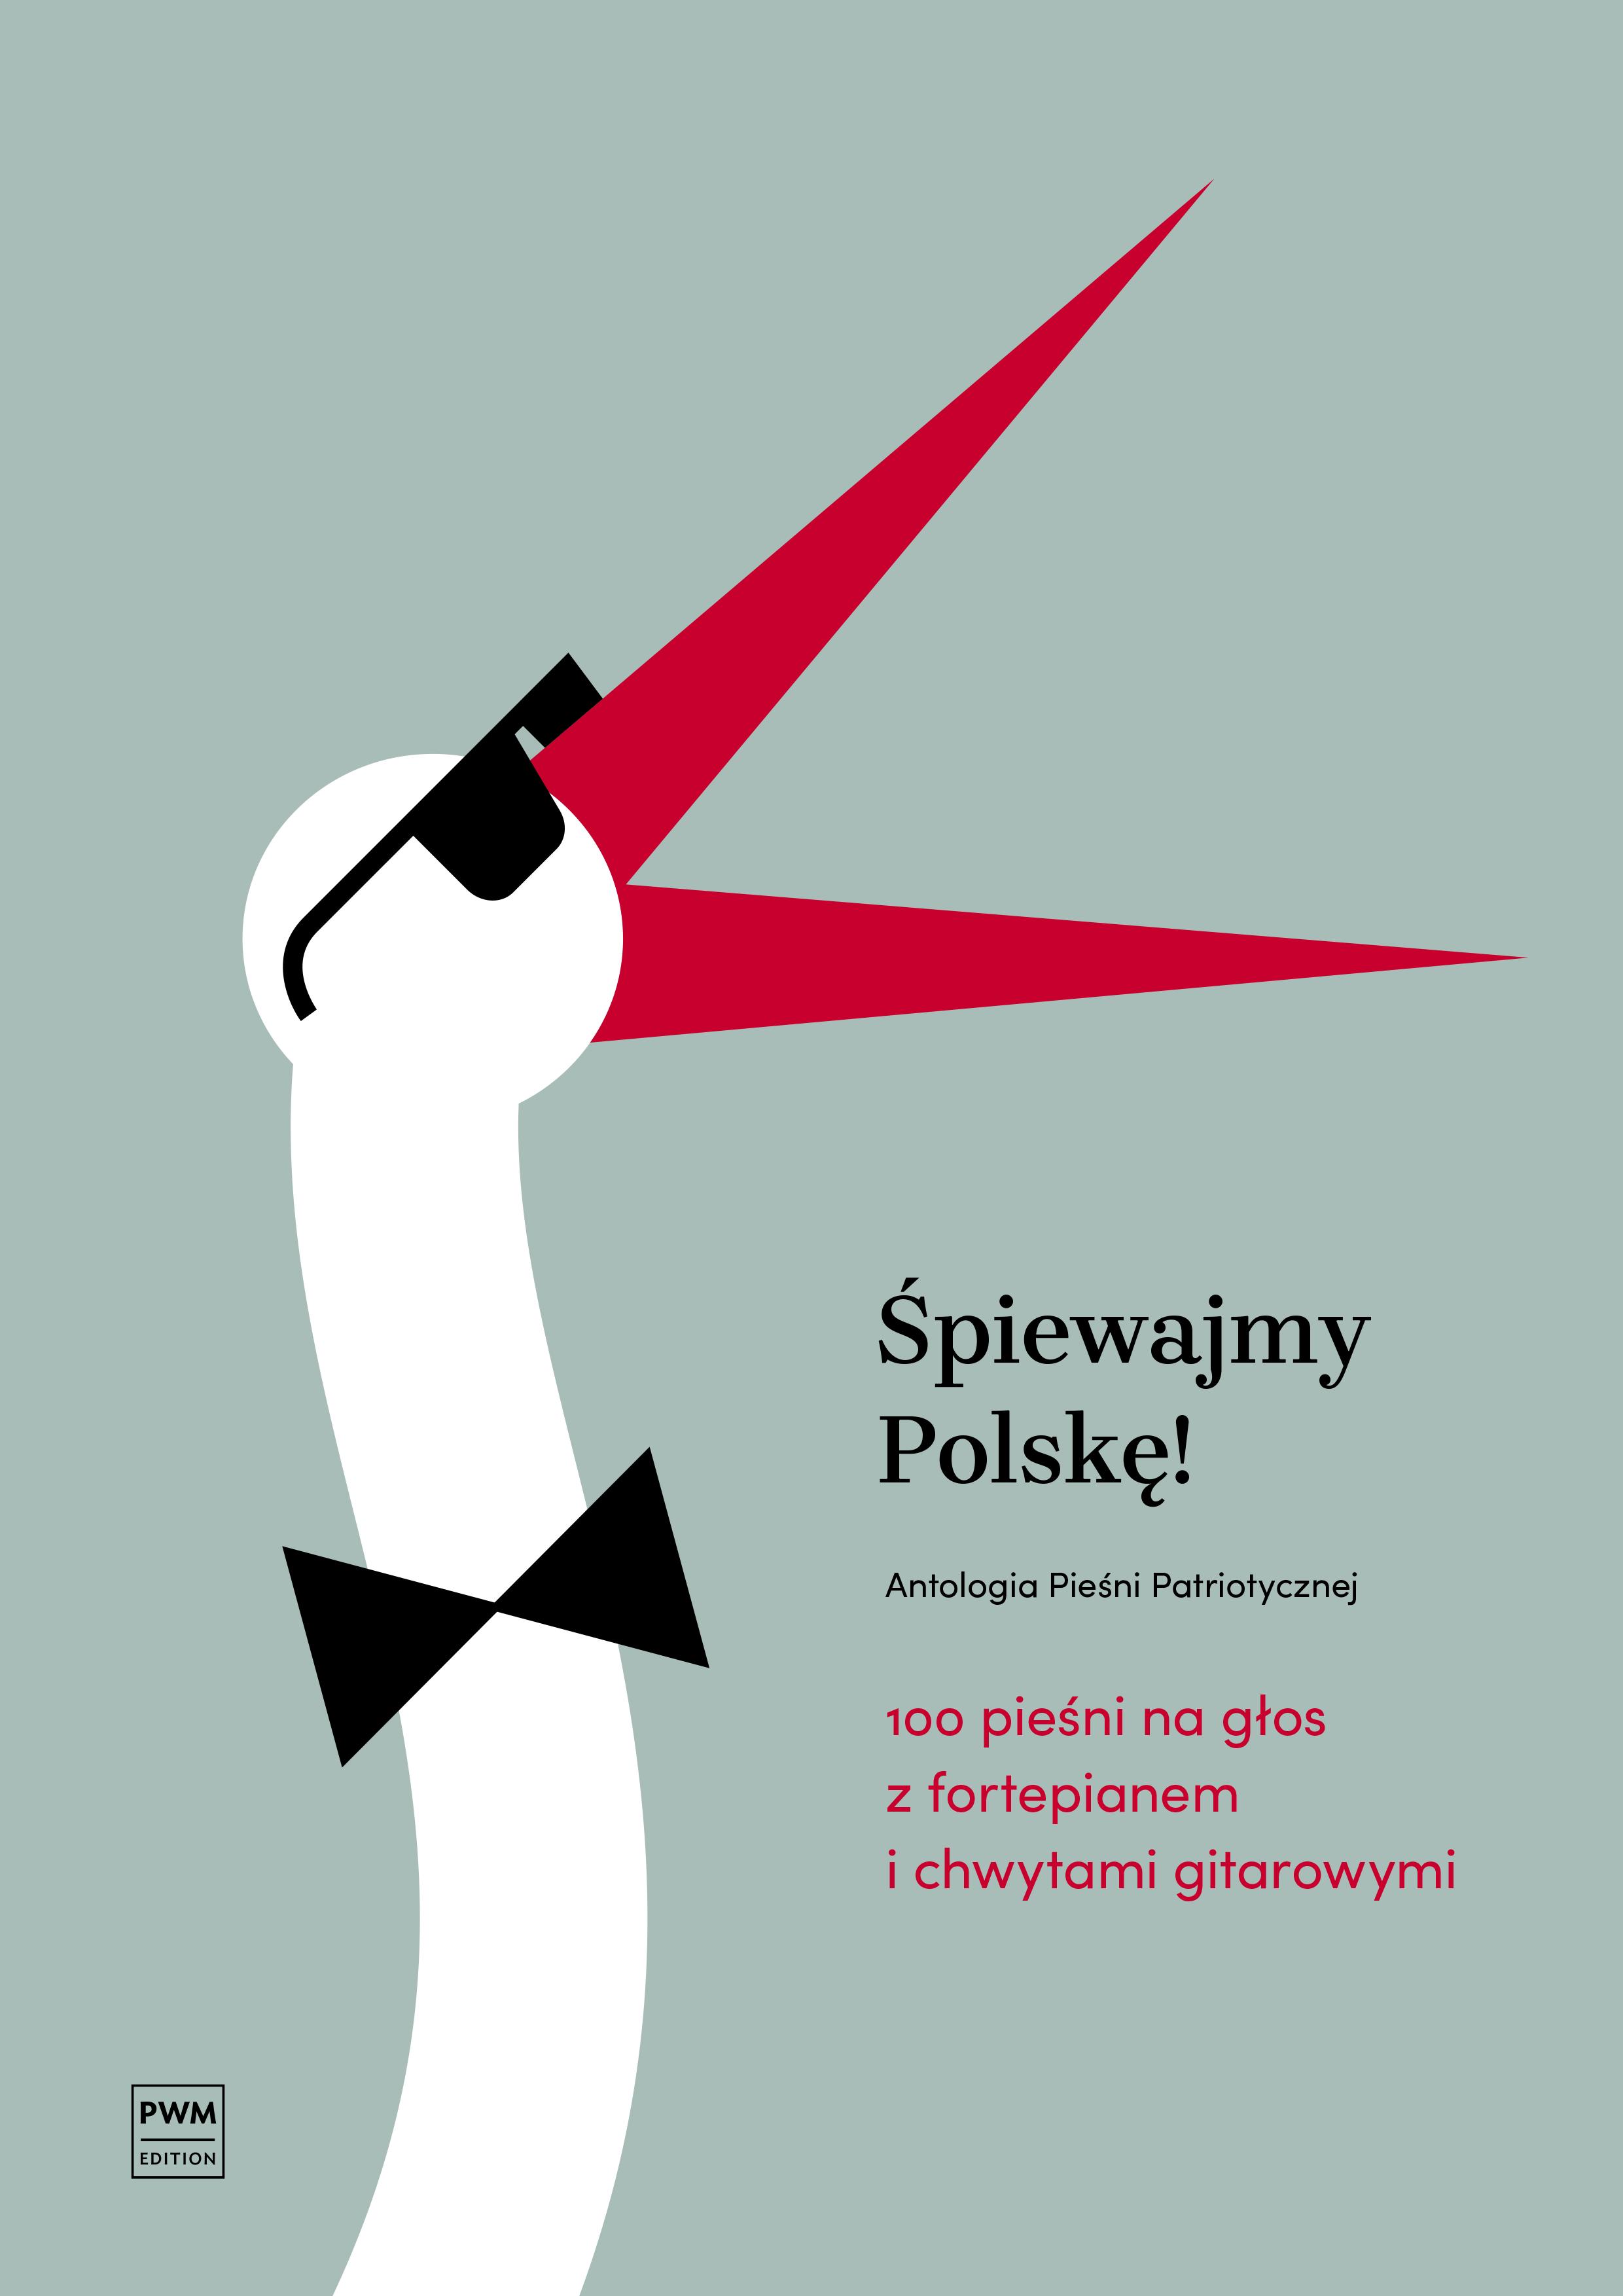 Śpiewajmy Polskę!